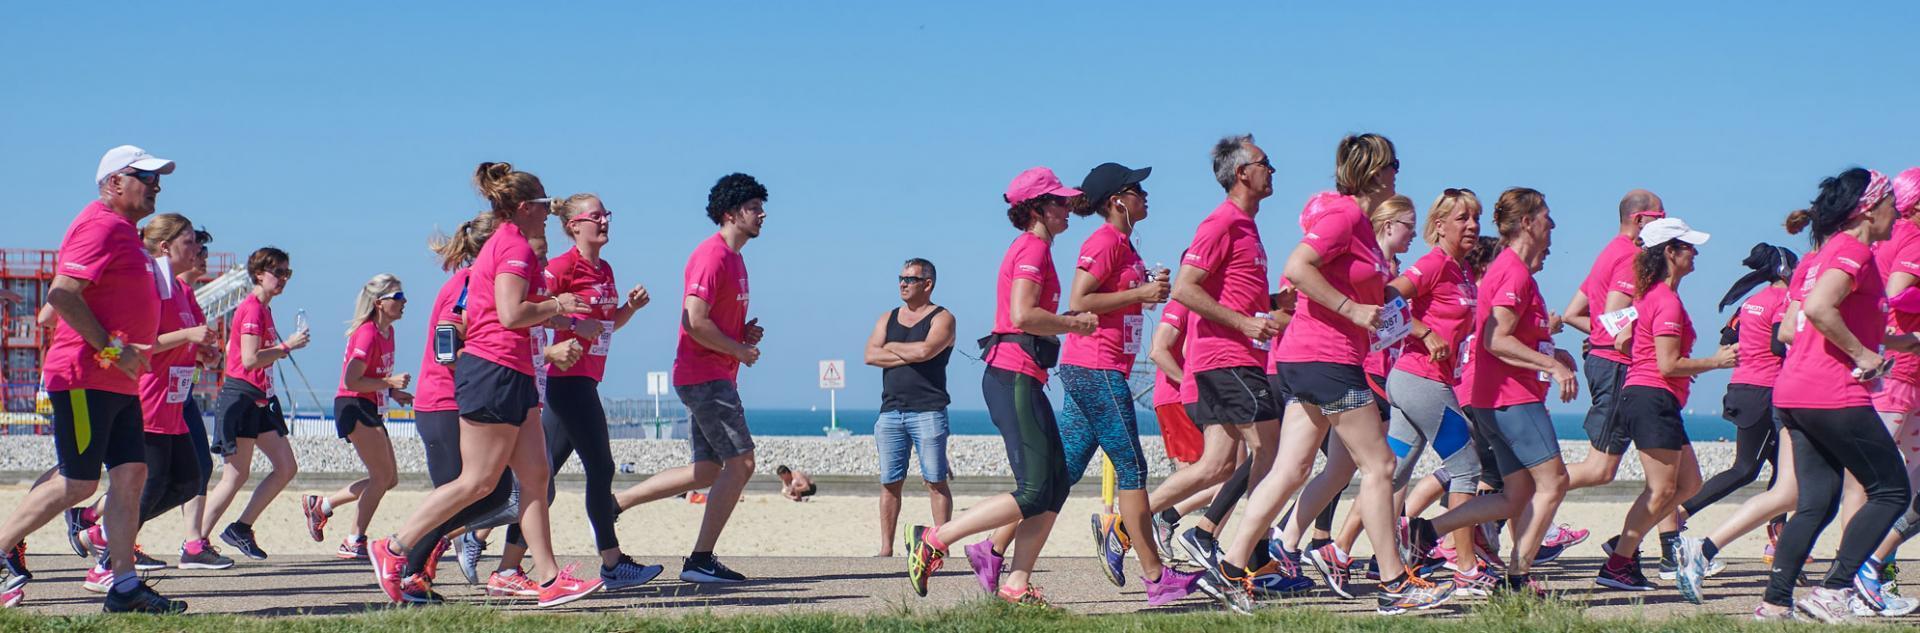 Femmes qui courent en t-shirts rose